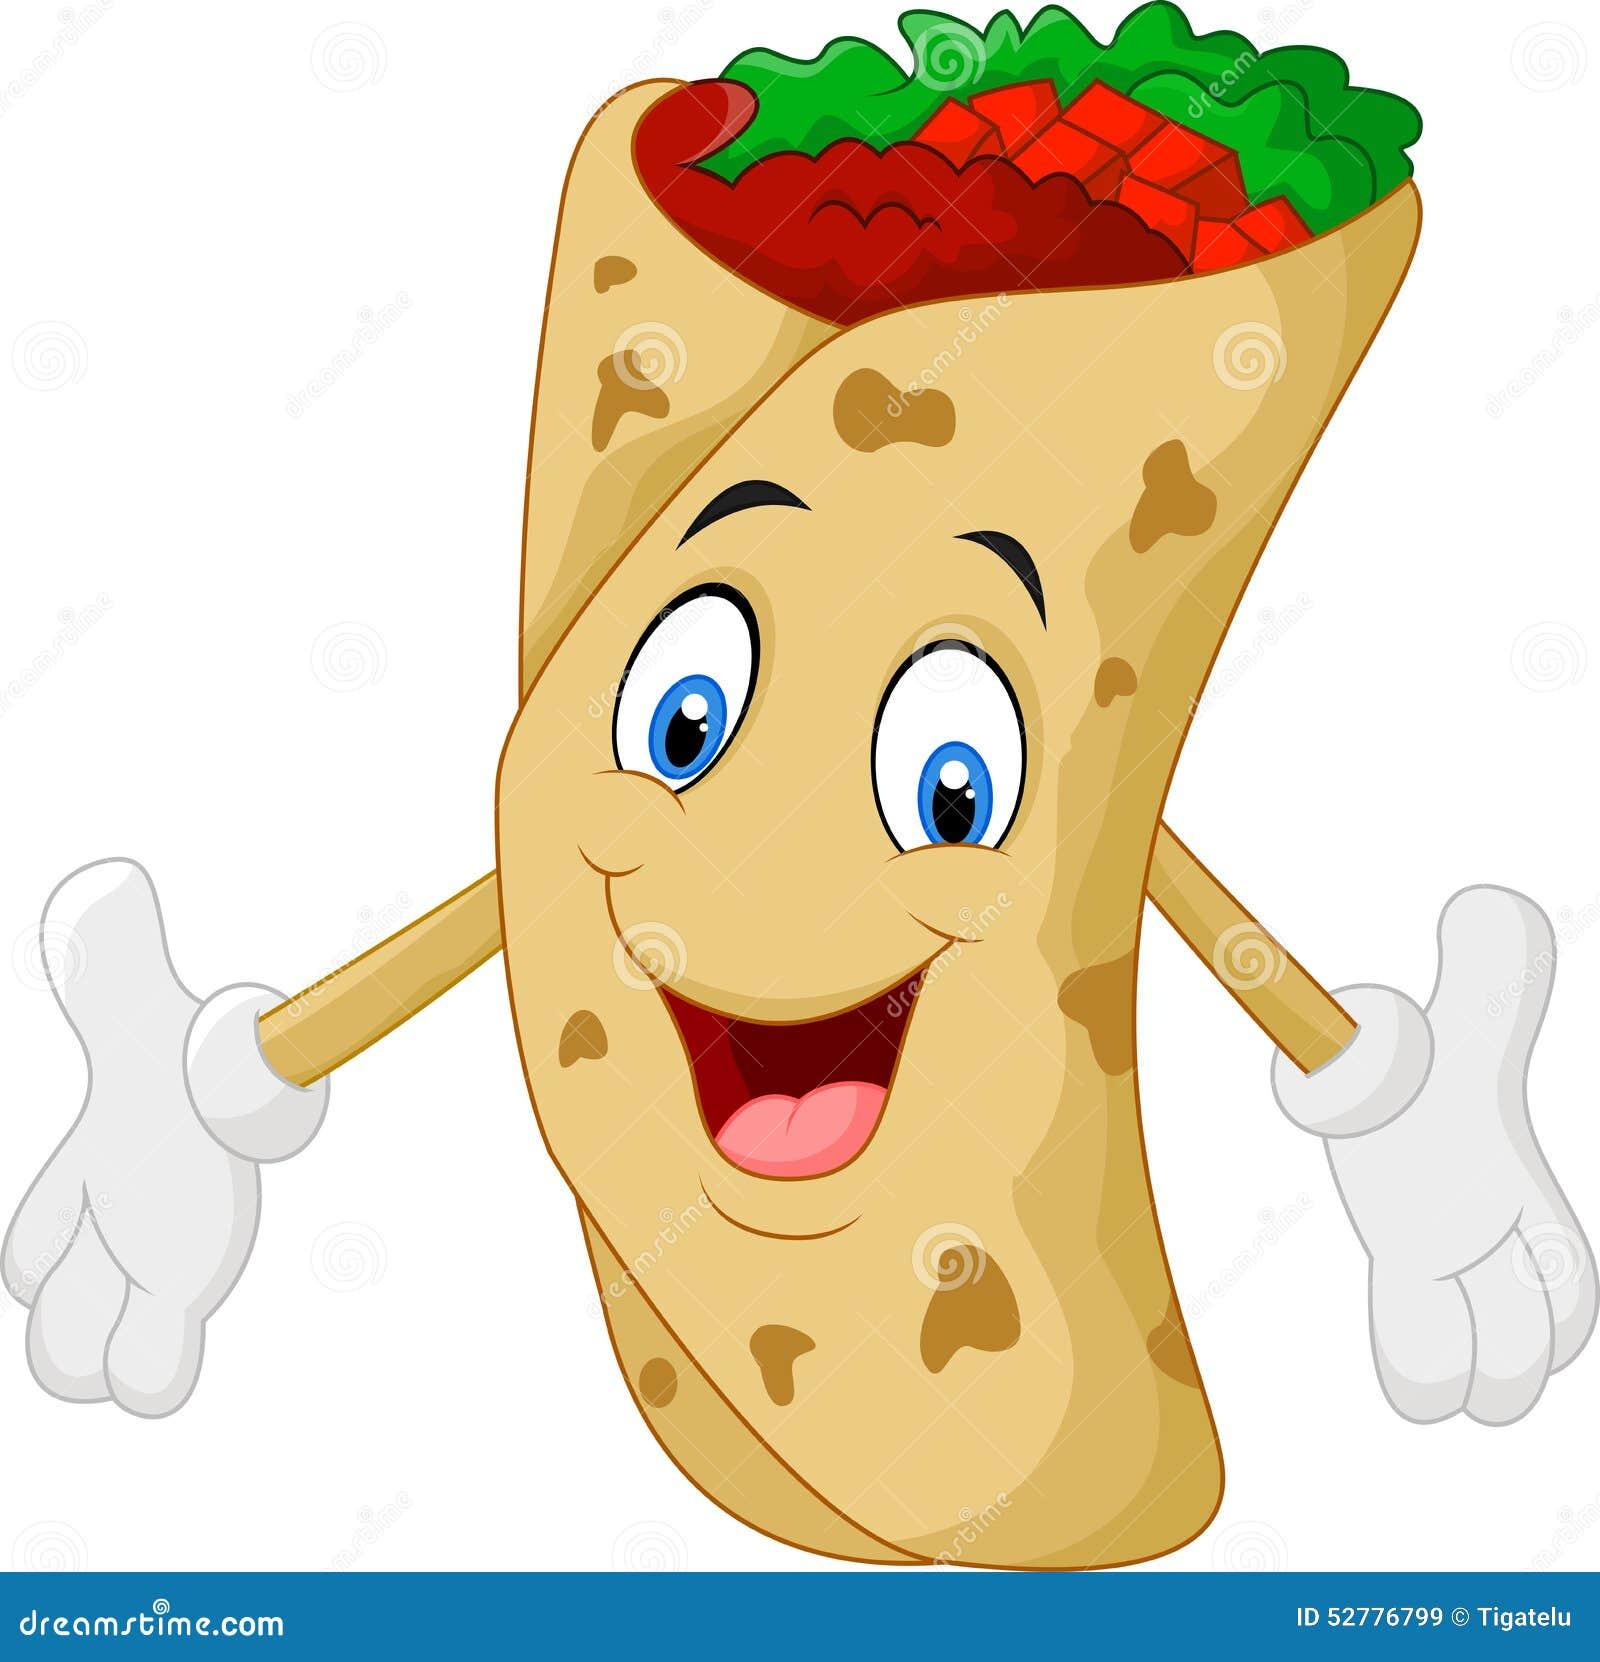 burrito stock illustrations 2 436 burrito stock illustrations rh dreamstime com burrito clipart free burrito clipart black and white